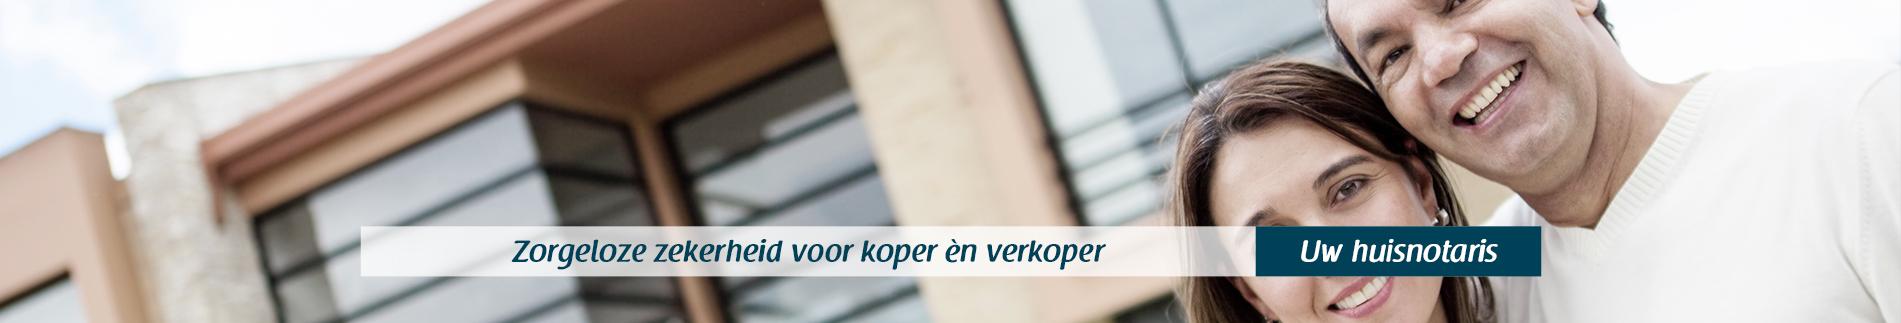 notaris-vriezenveen-koop-verkoop-huisnotaris